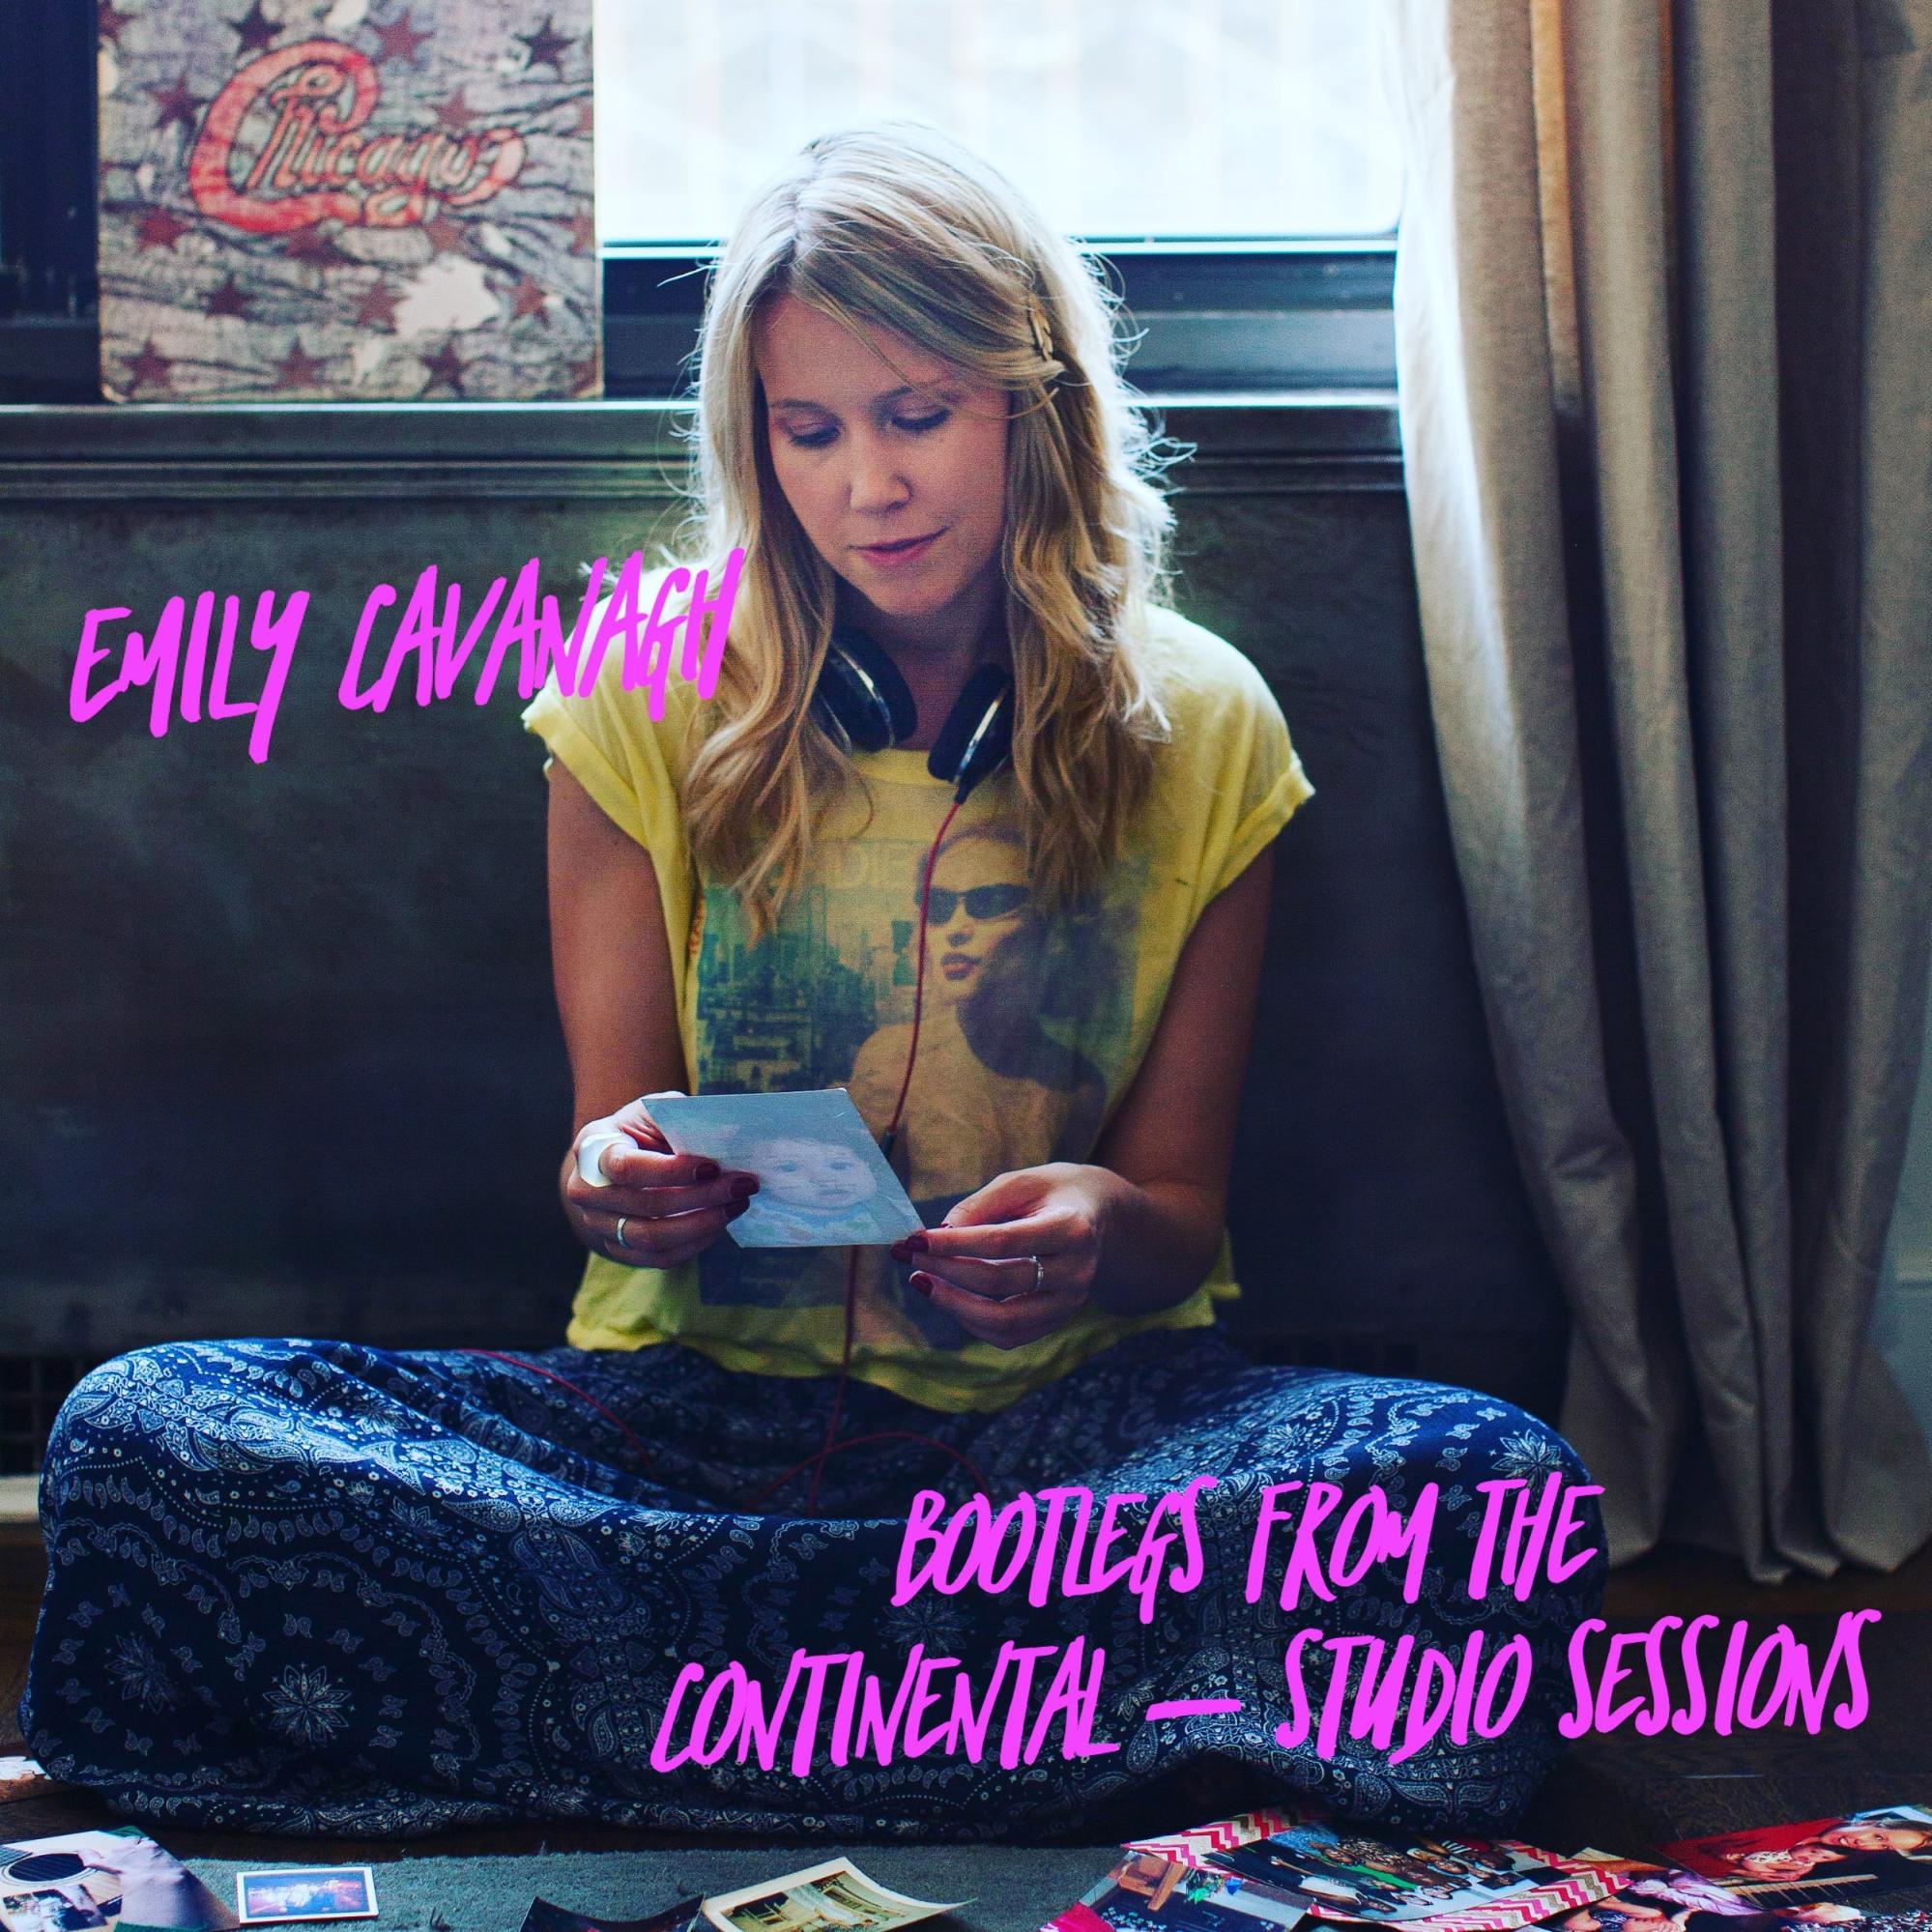 Emily Cavanagh Bootlegs LRG